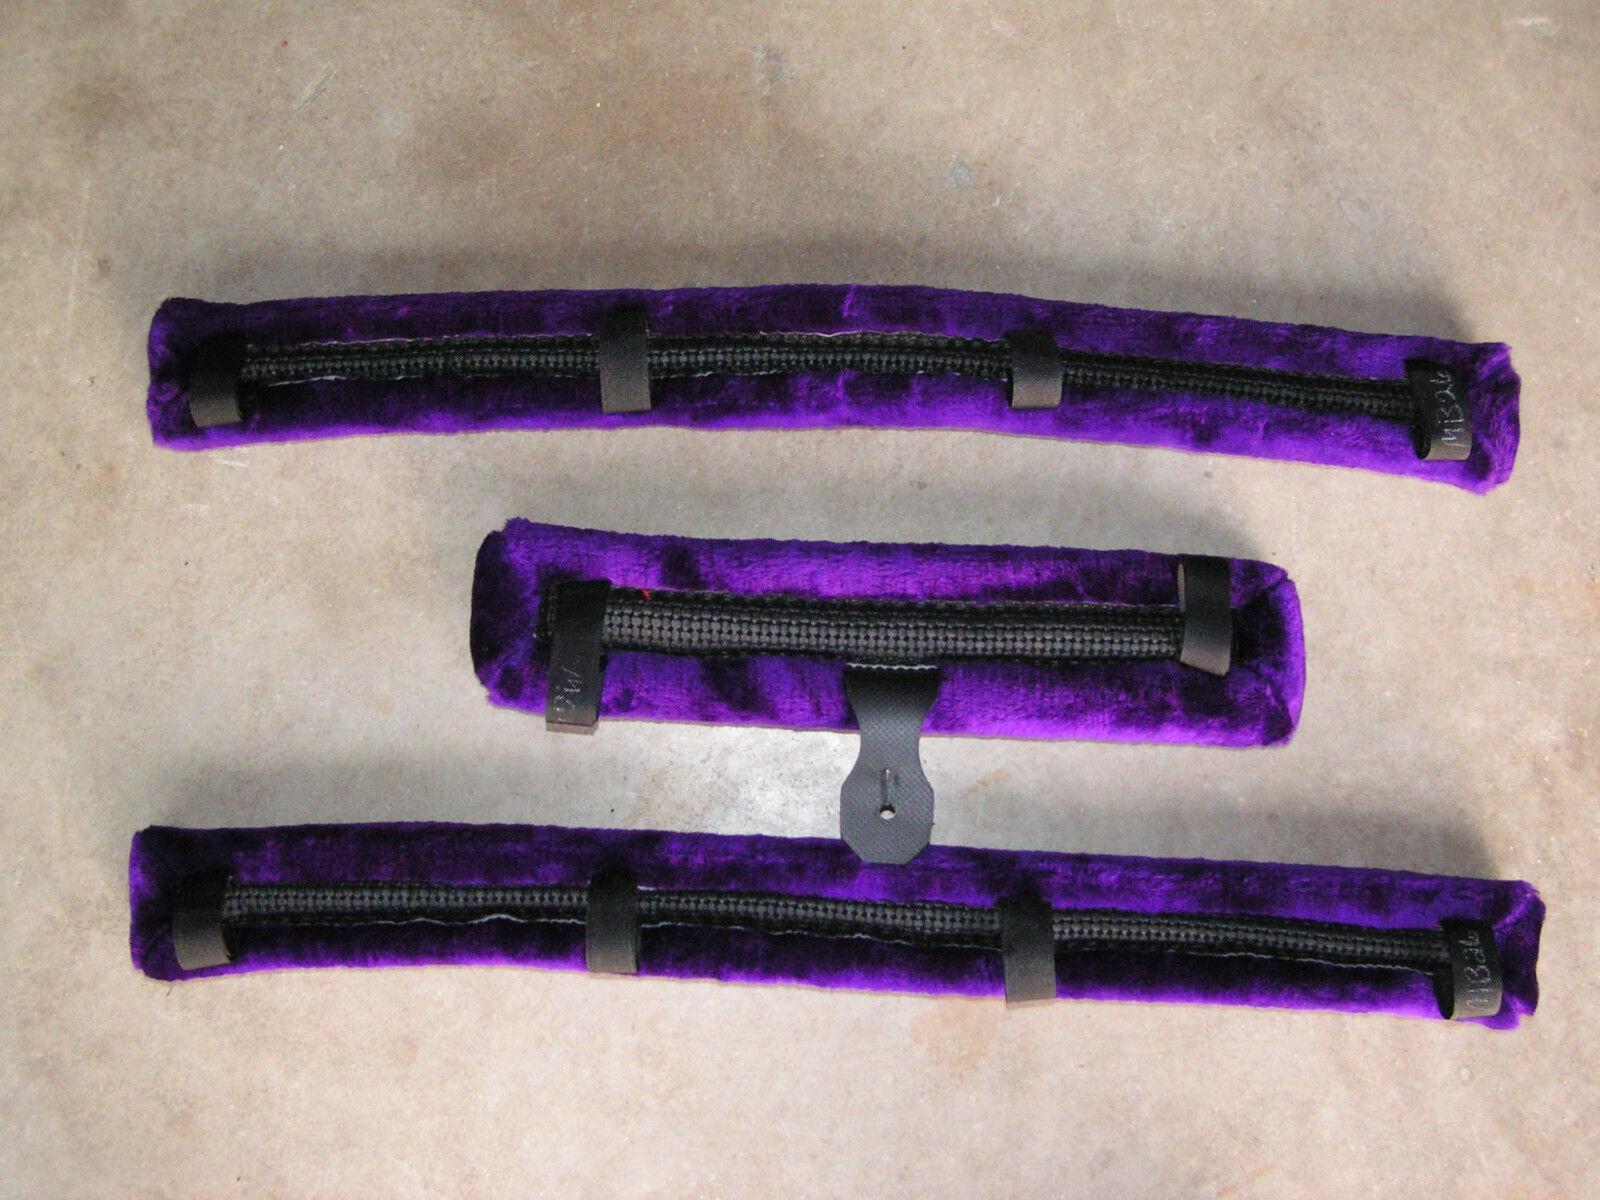 Miniatura Caballo, Equine, mini burro, Mini Pony, Caballo, Miniatura Cobb púrpura conducción arnés almohadillas 052720